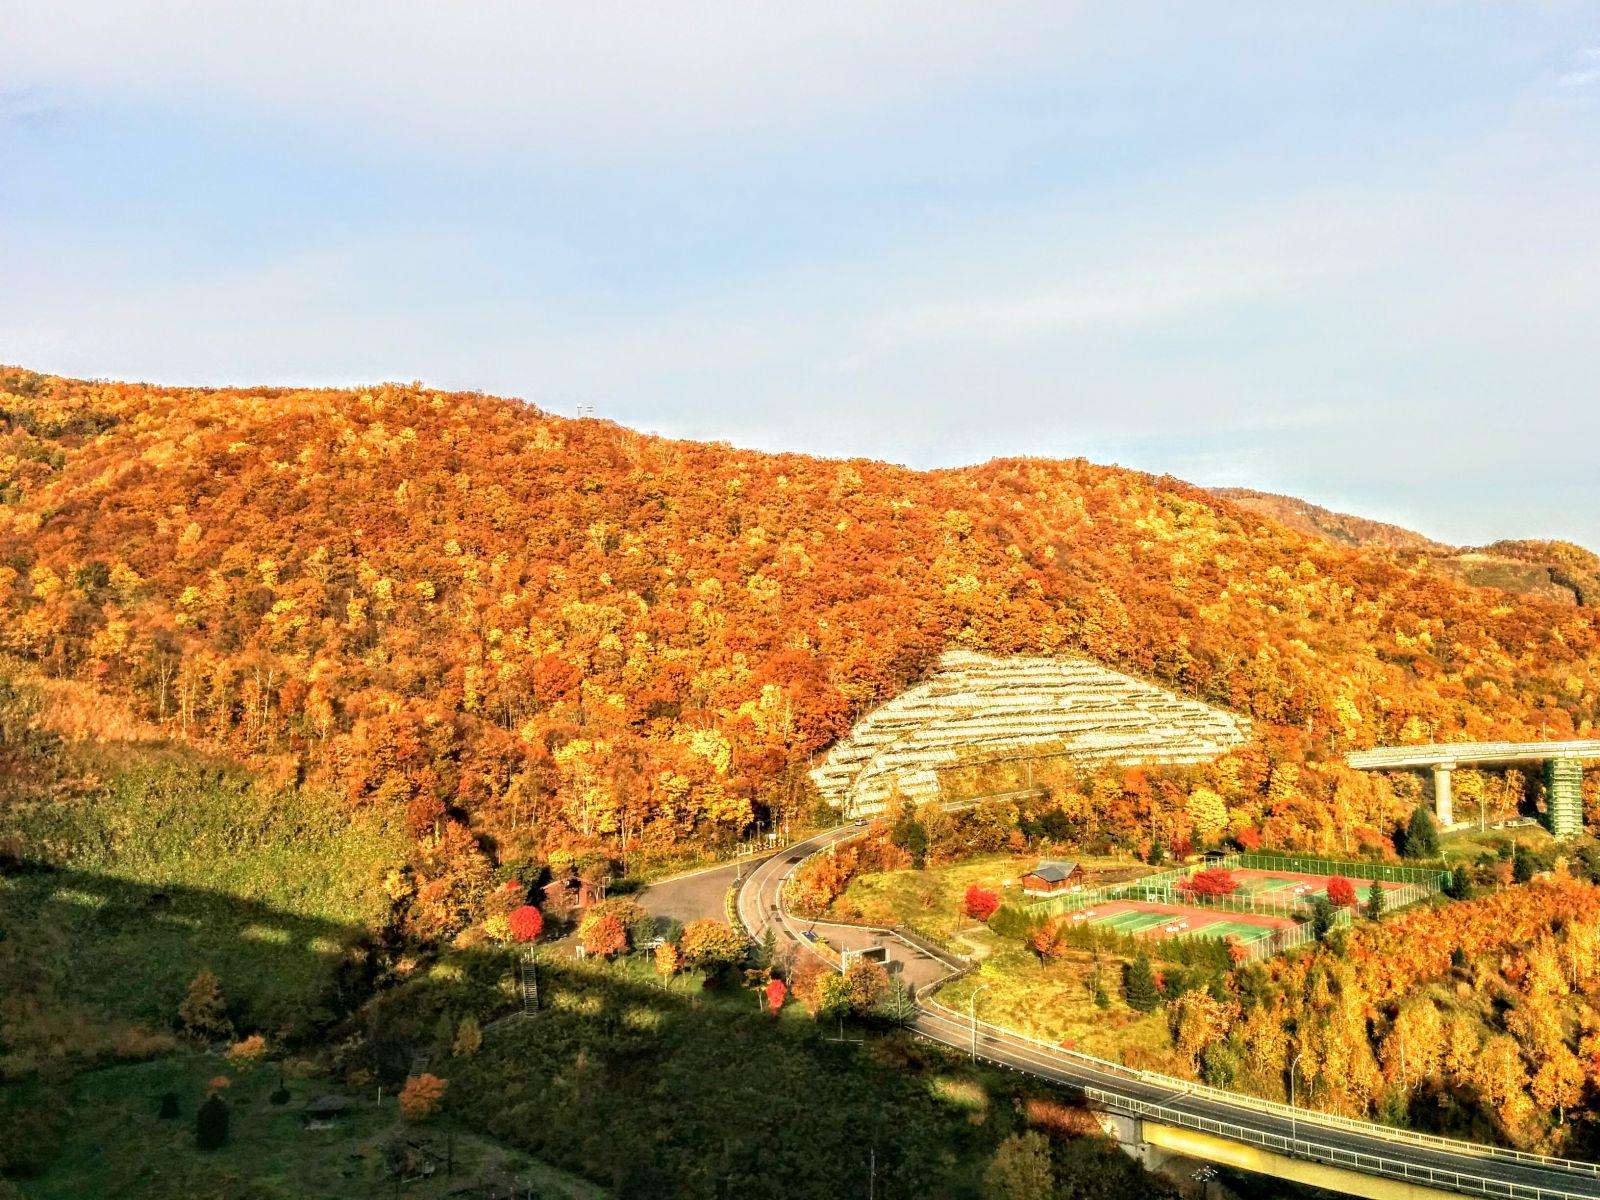 【小樽】紅葉の朝里川温泉朝里ダム観光案内です。